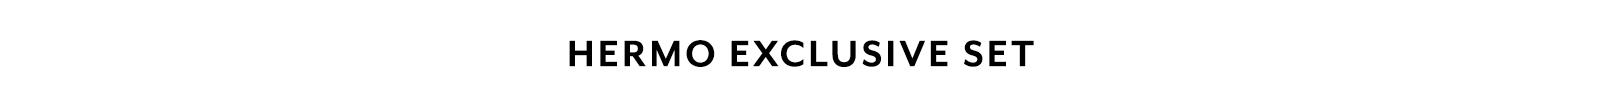 AP exclusive set title banner